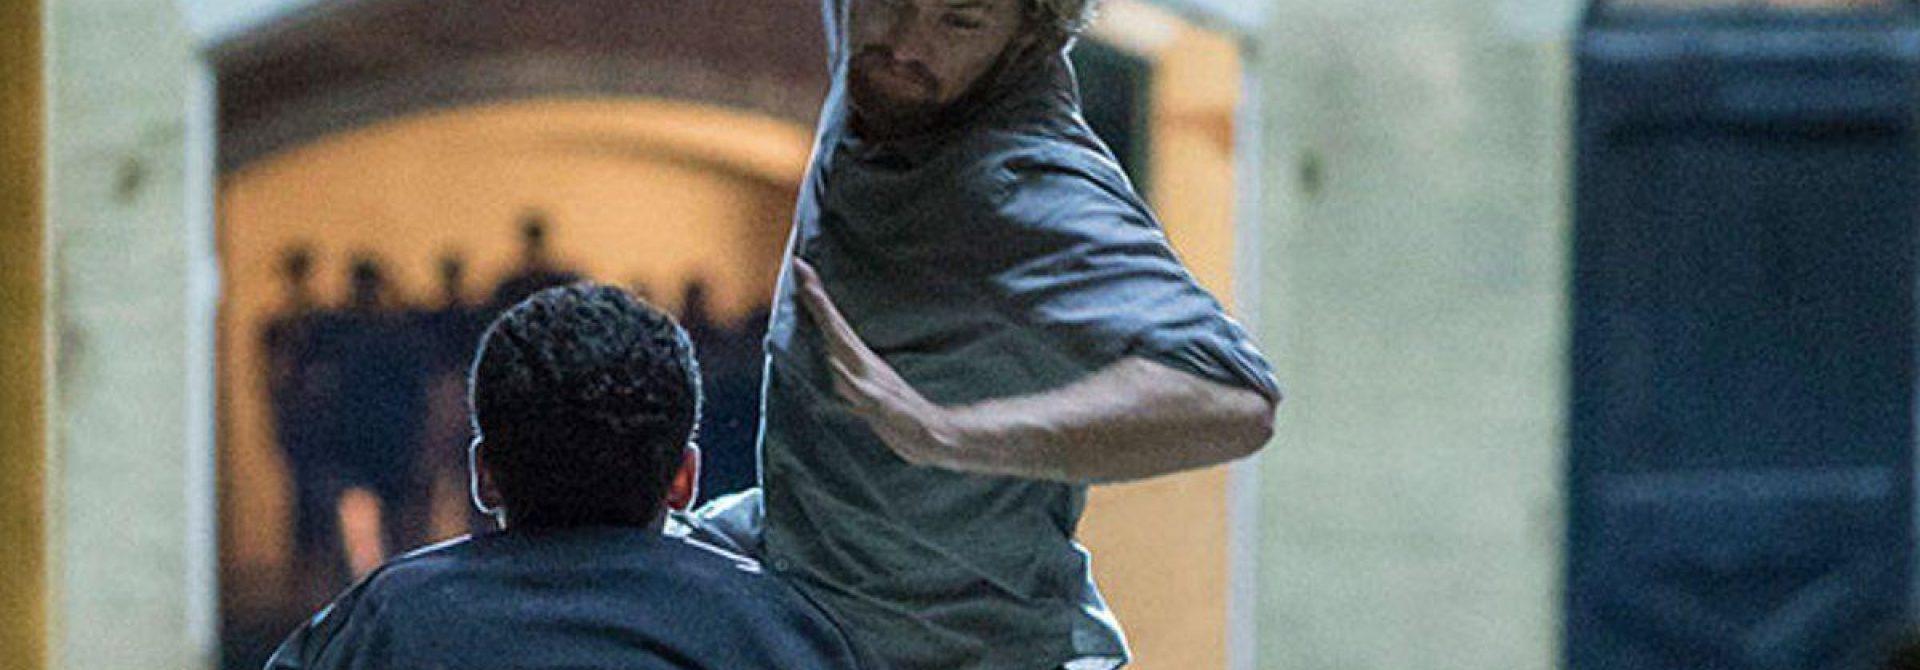 Finn Jones Responds to Iron Fist Reviews